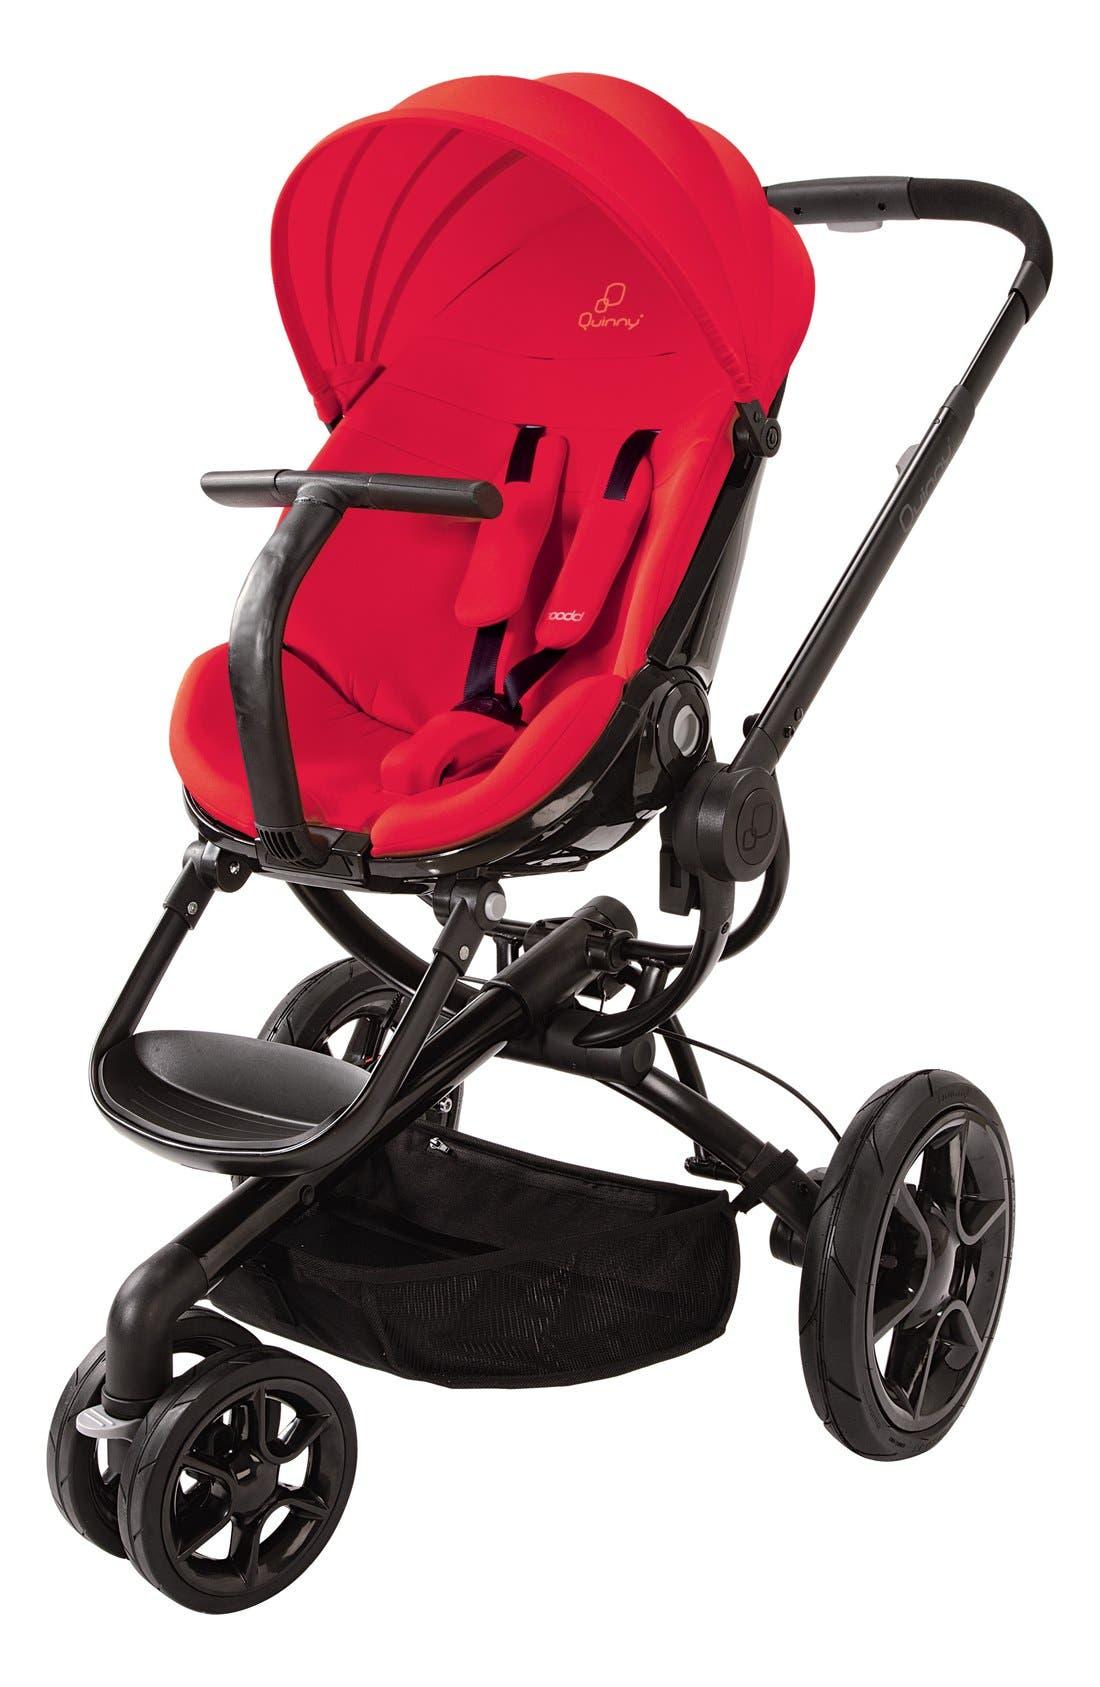 Main Image - Quinny 'Moodd' Stroller